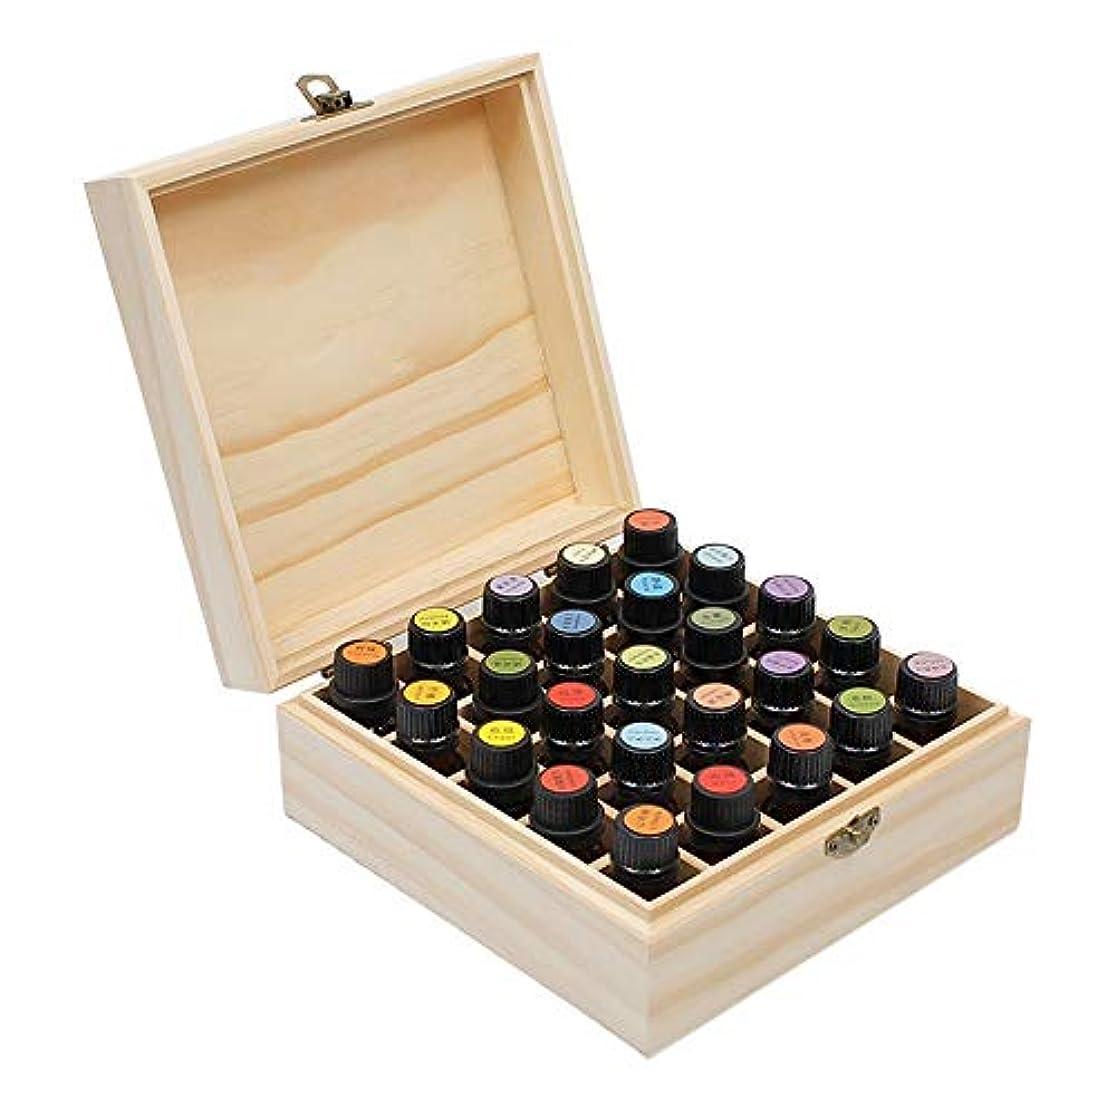 ハング麻痺羨望25搬送するためのスロットエッセンシャルオイルボックス木製収納ケースとホームストレージの表示 アロマセラピー製品 (色 : Natural, サイズ : 18.3X18.3X8.3CM)